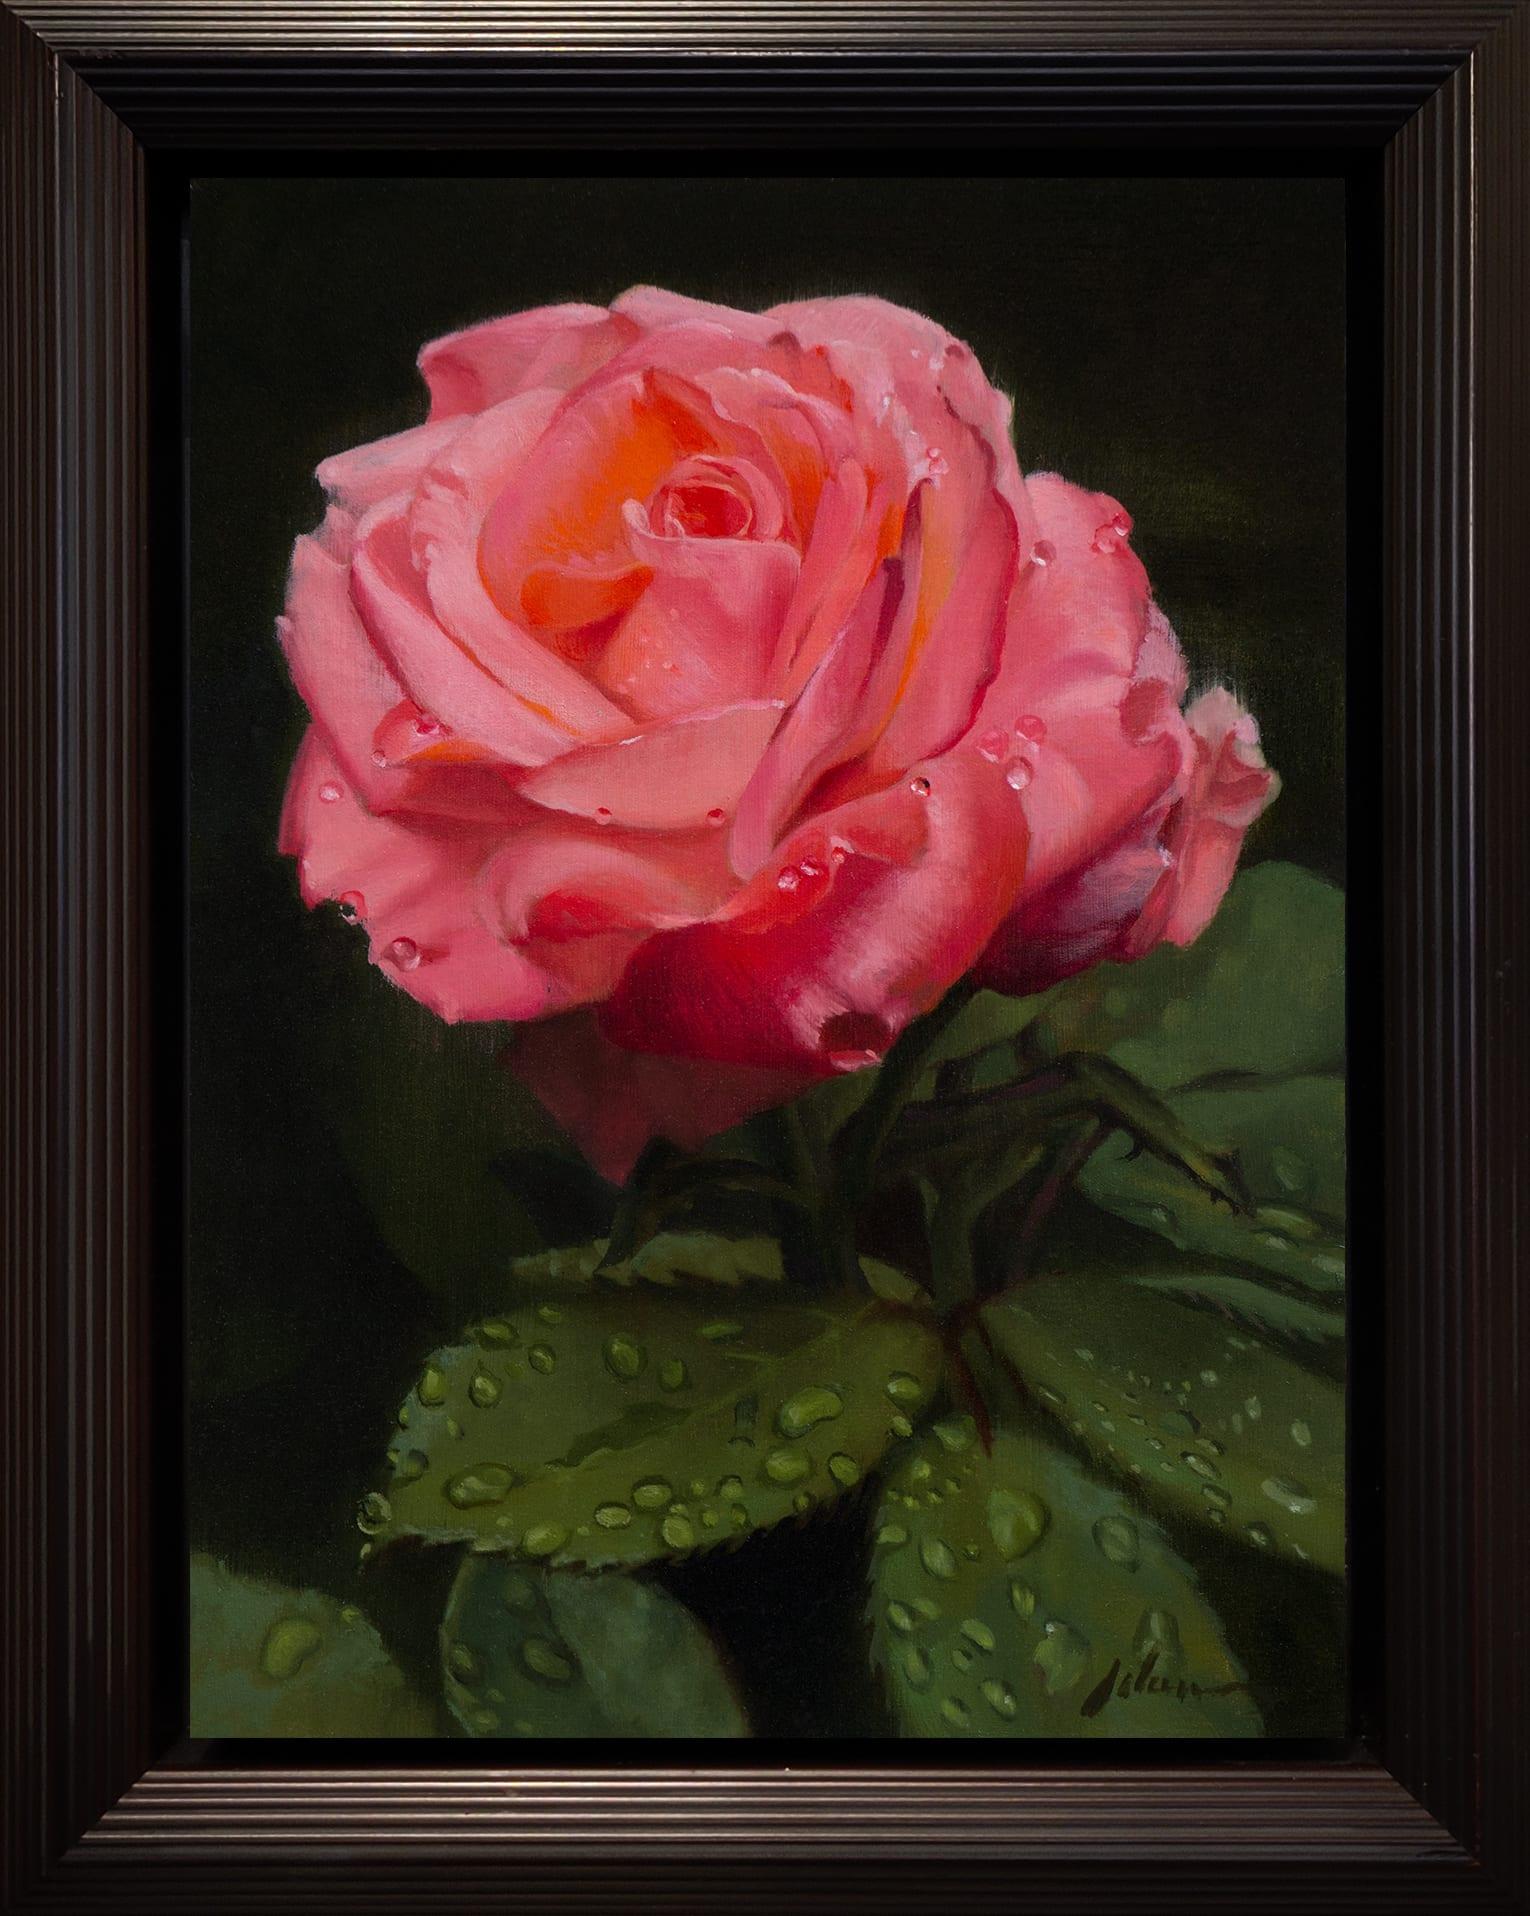 Adams_Pink_Rose_12x9_Frame